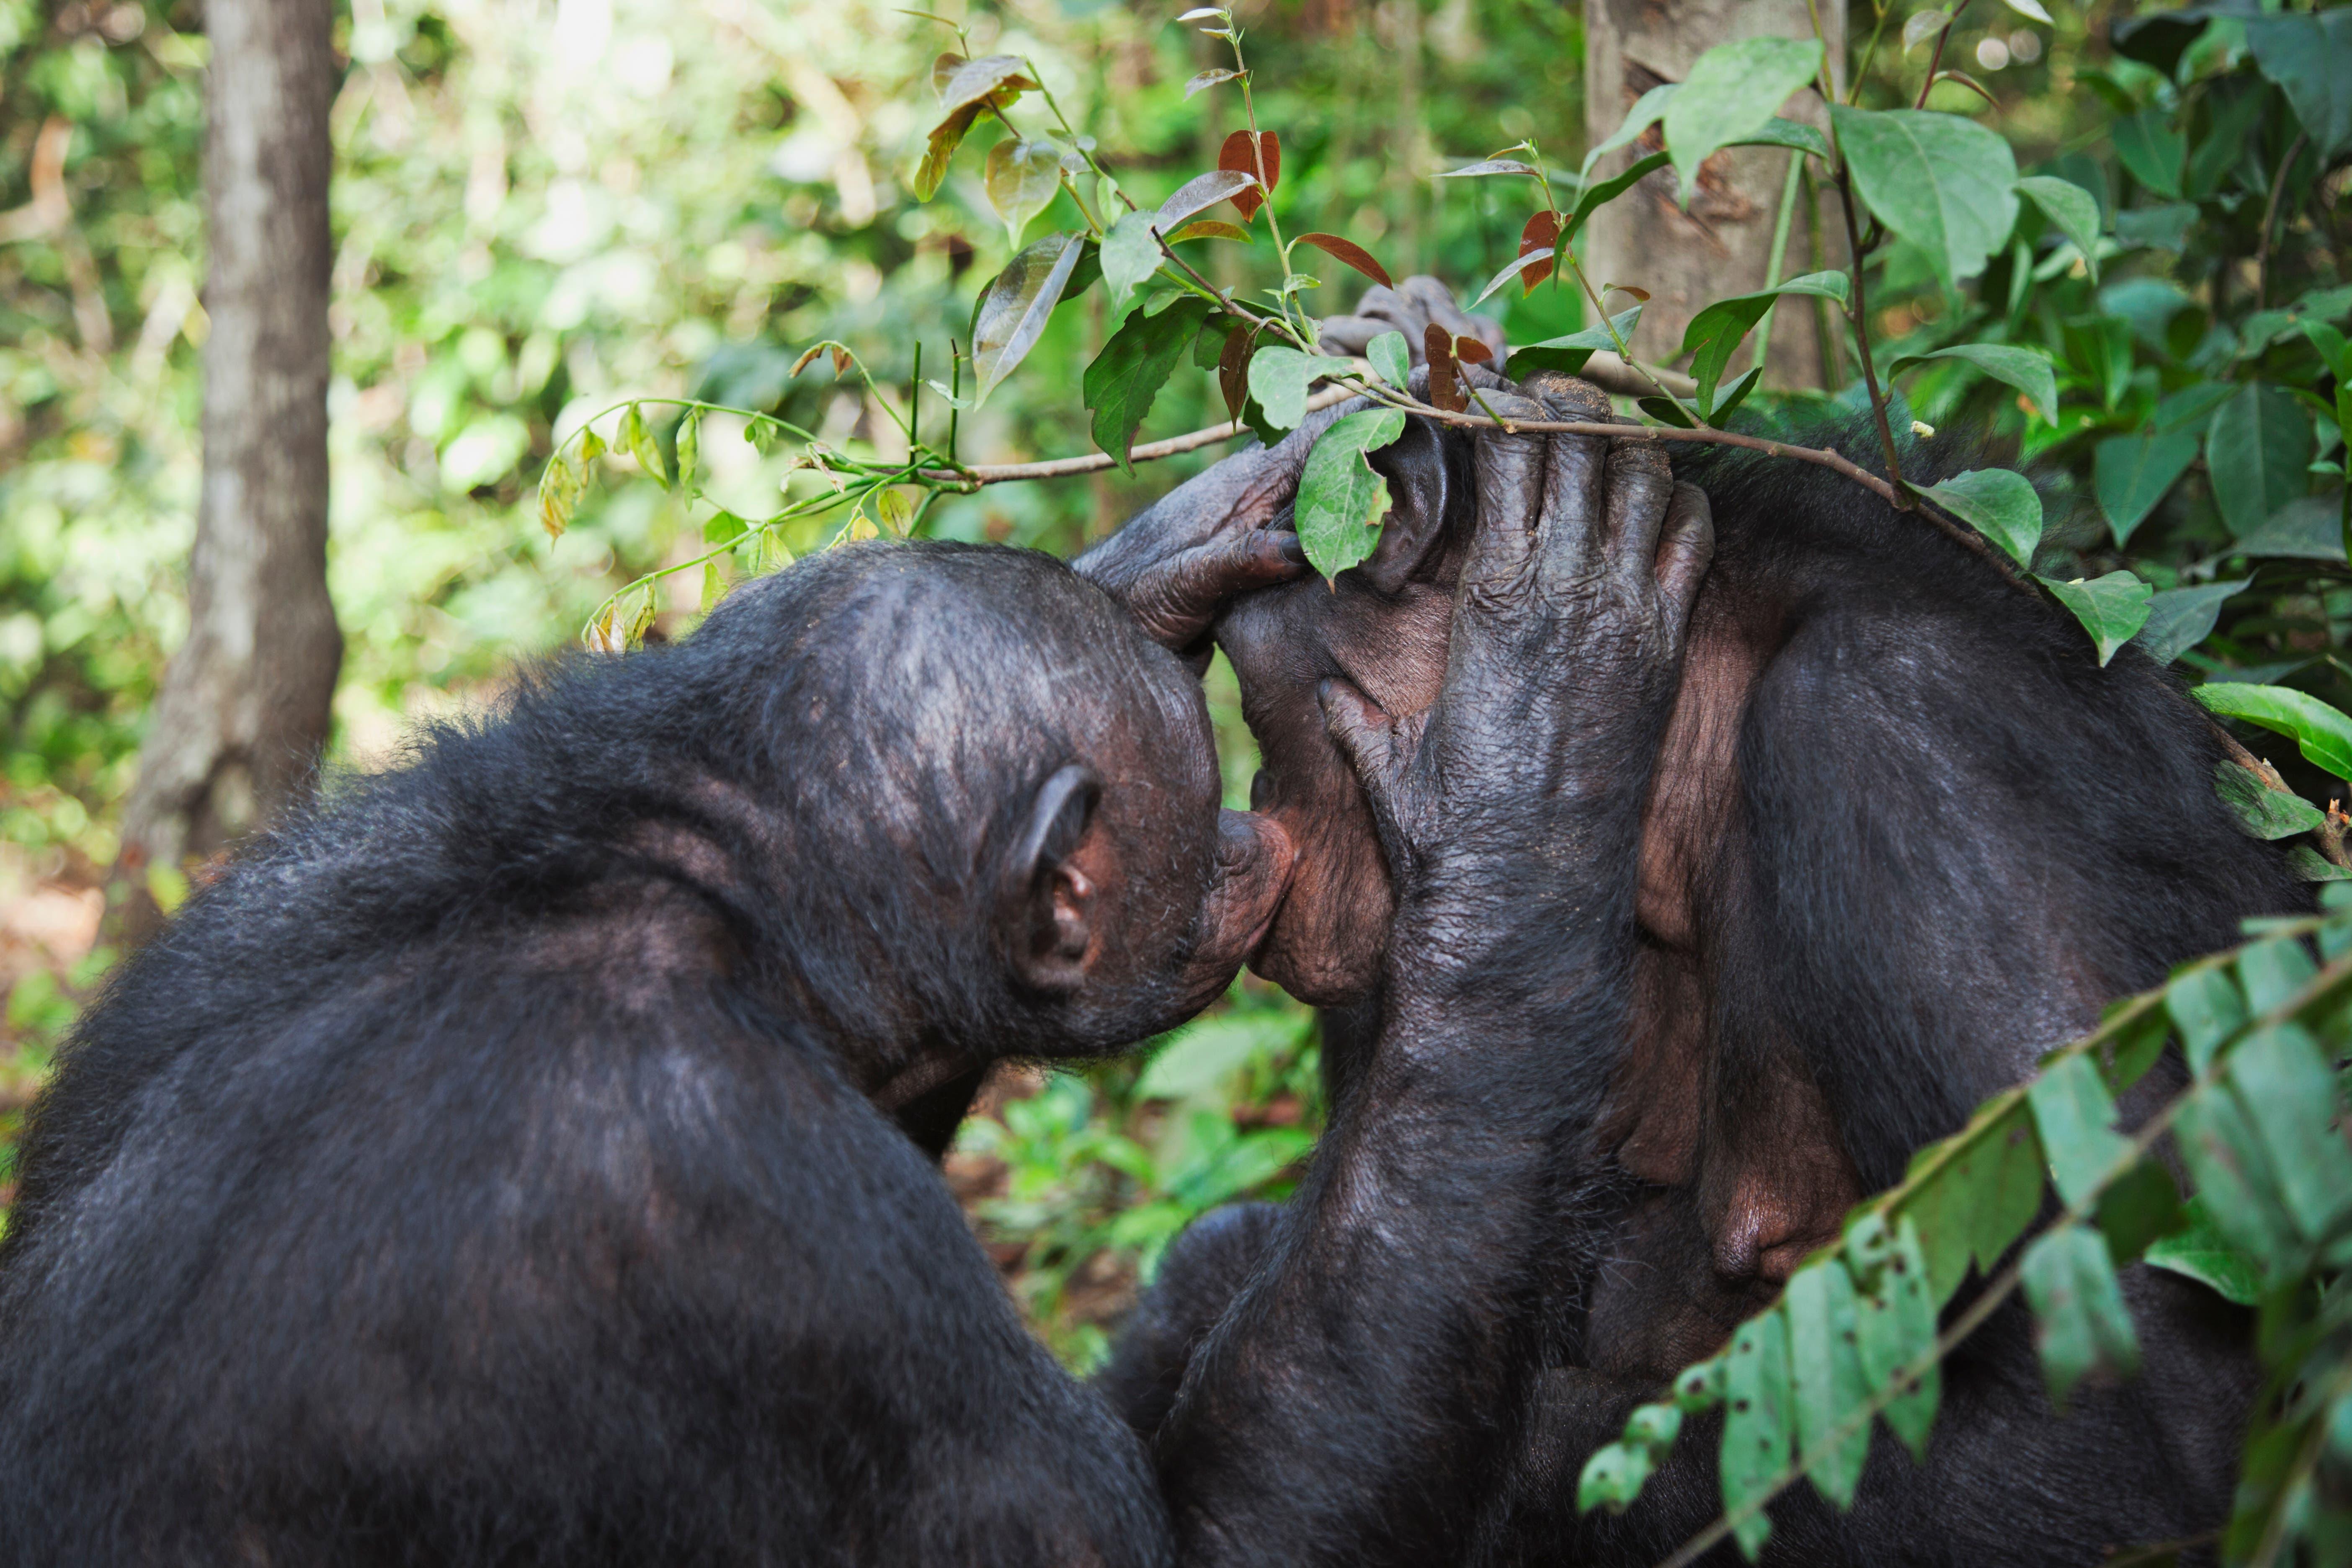 Bonobos lieben Zärtlichkeit und Sex. Besonders oft vergnügen sich Weibchen miteinander.